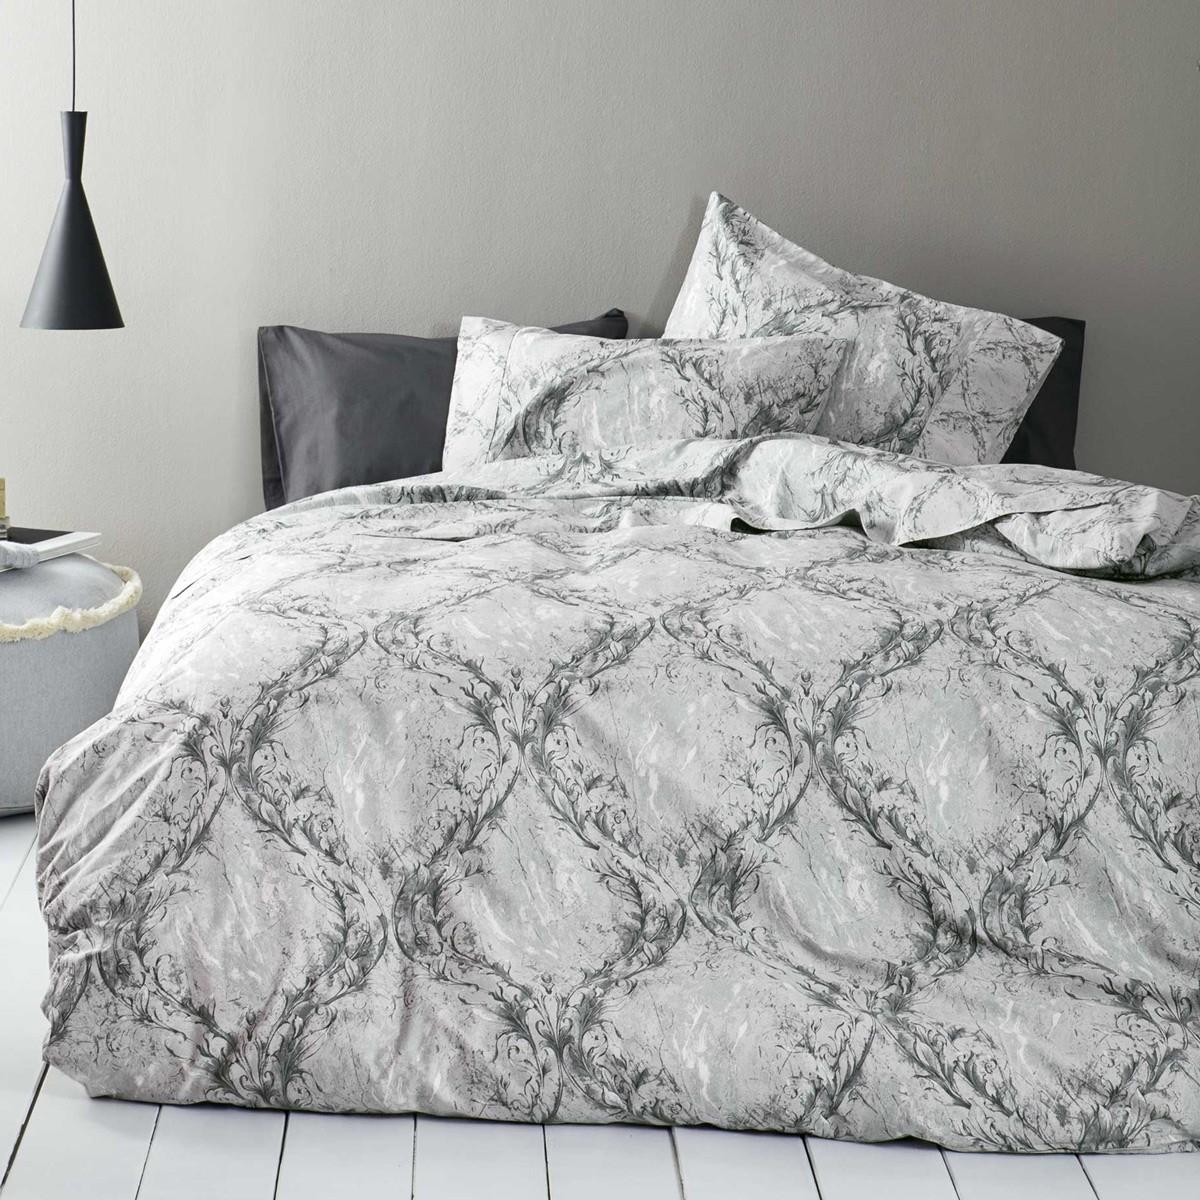 Σεντόνια King Size (Σετ) Nima Bed Linen Romano Grey